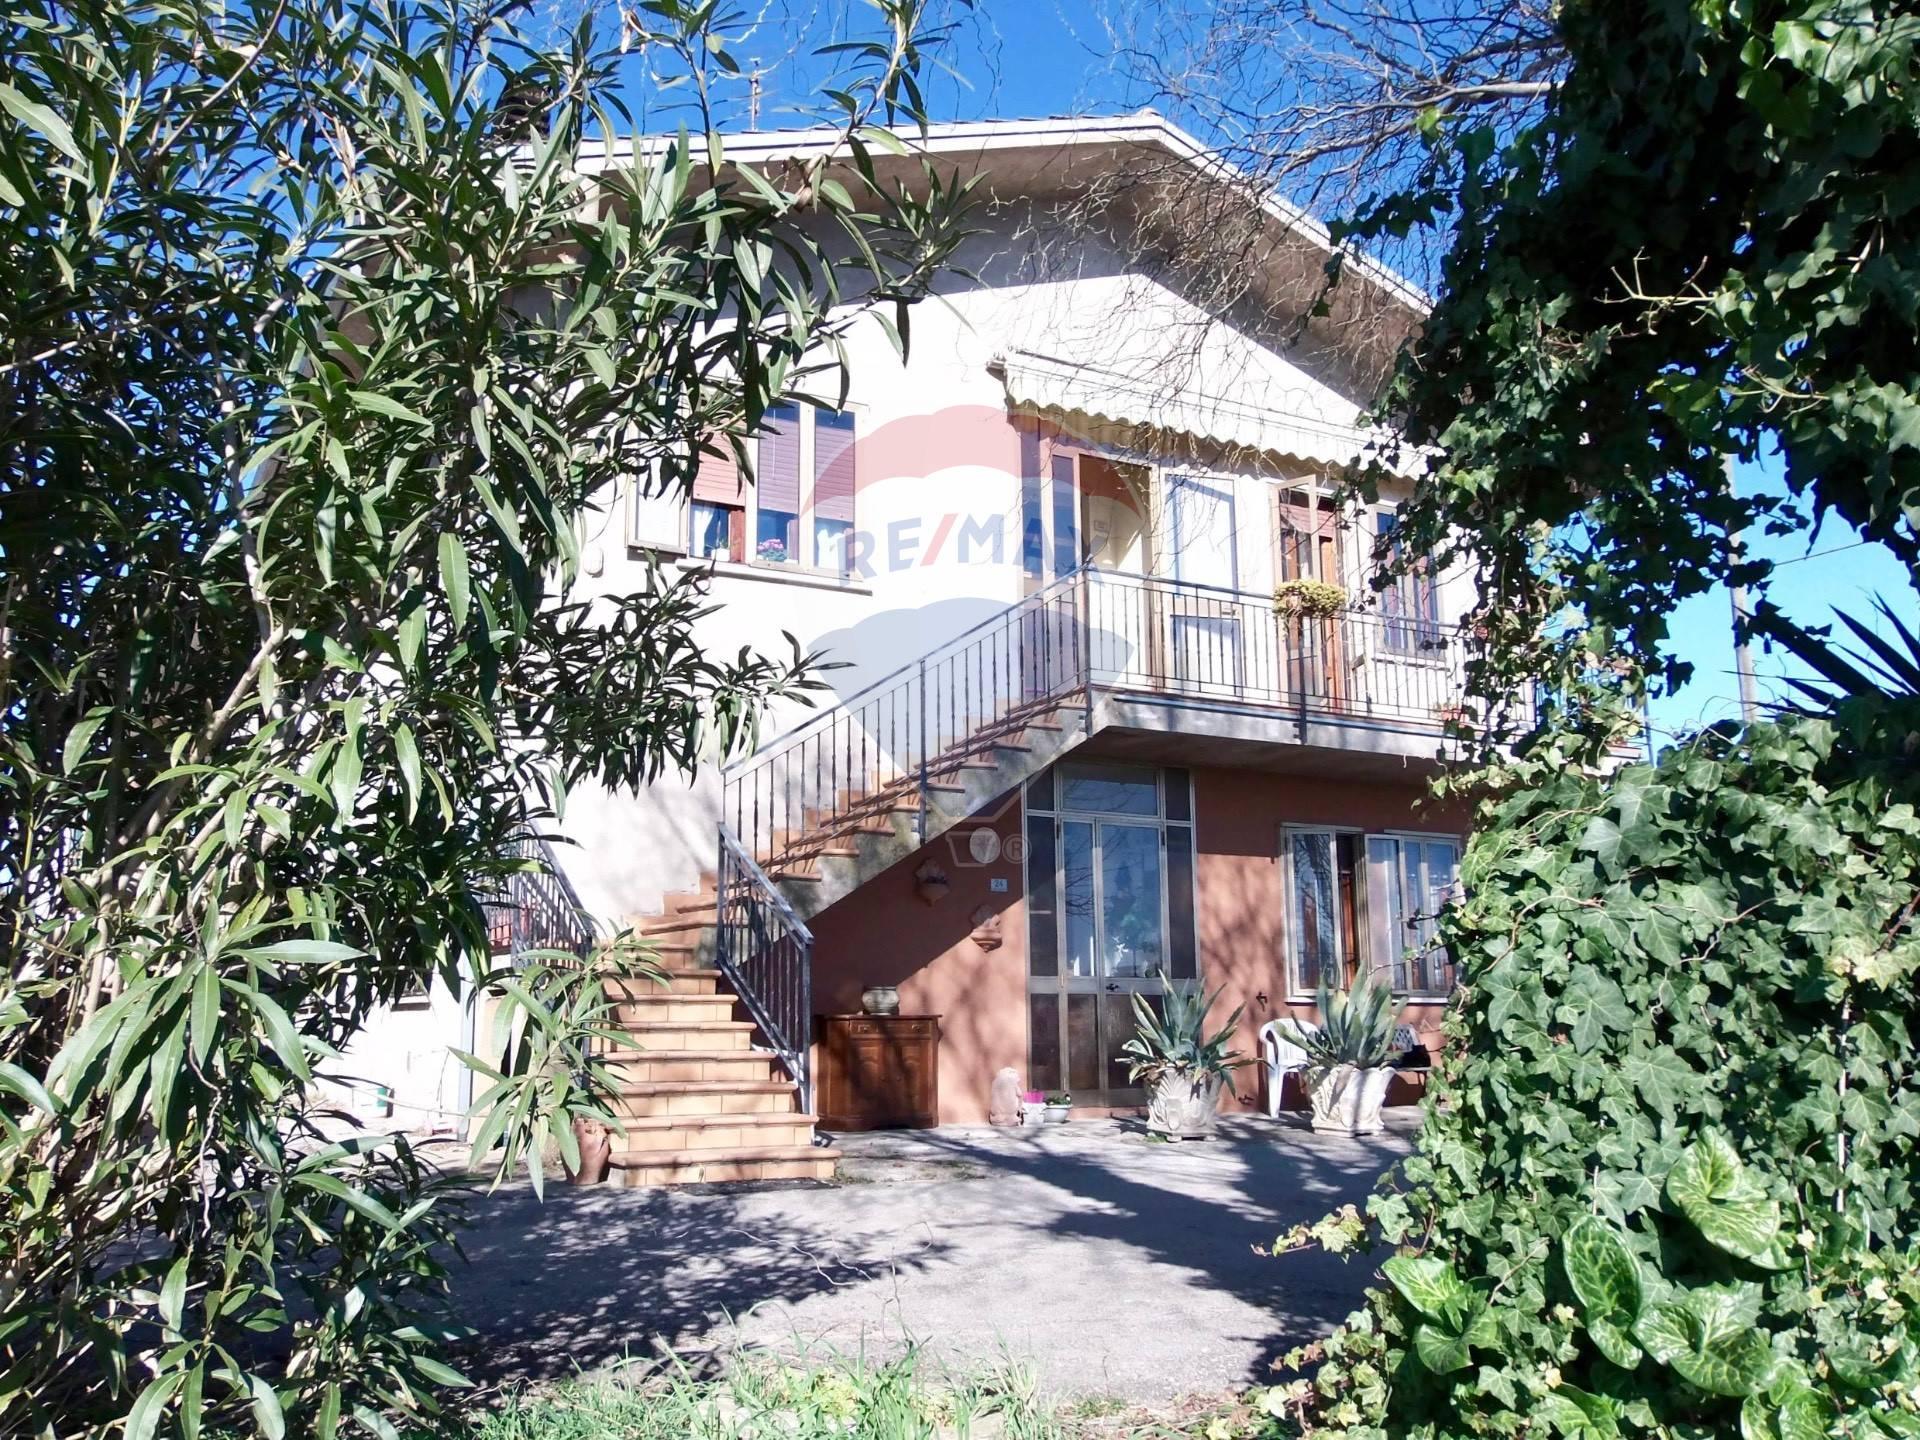 Villa Bifamiliare in vendita a Pojana Maggiore, 5 locali, prezzo € 68.000 | CambioCasa.it